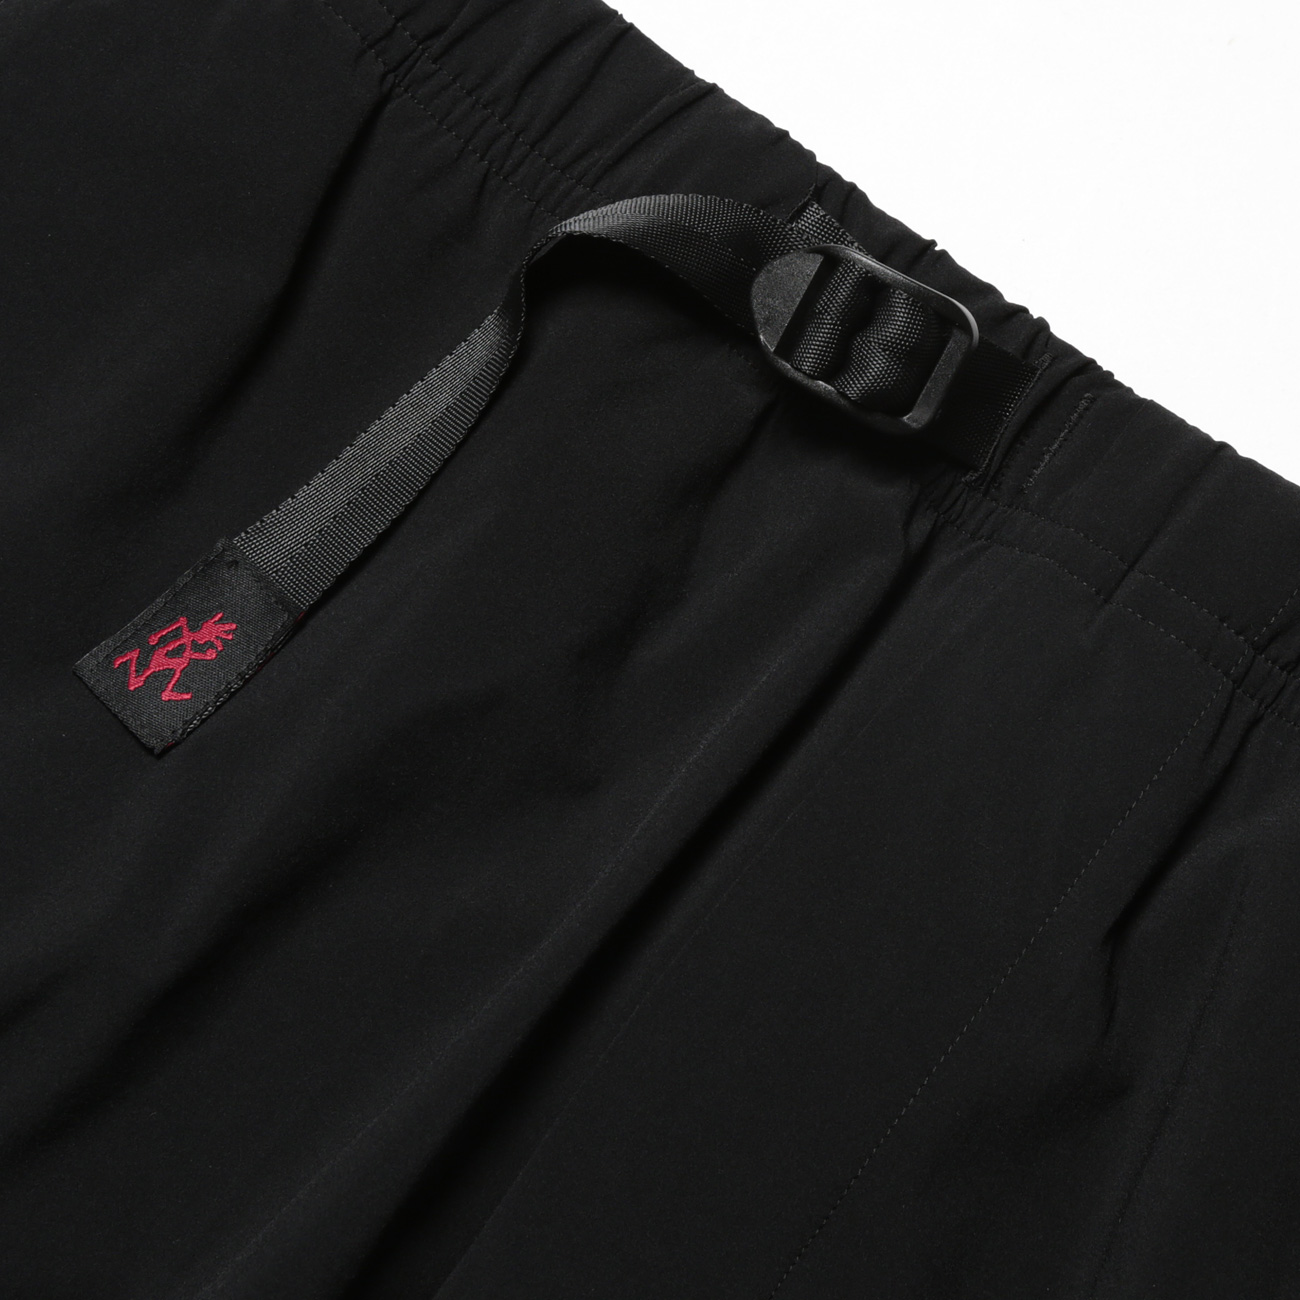 2201-PT08-001-peg GRAMICCI - Black